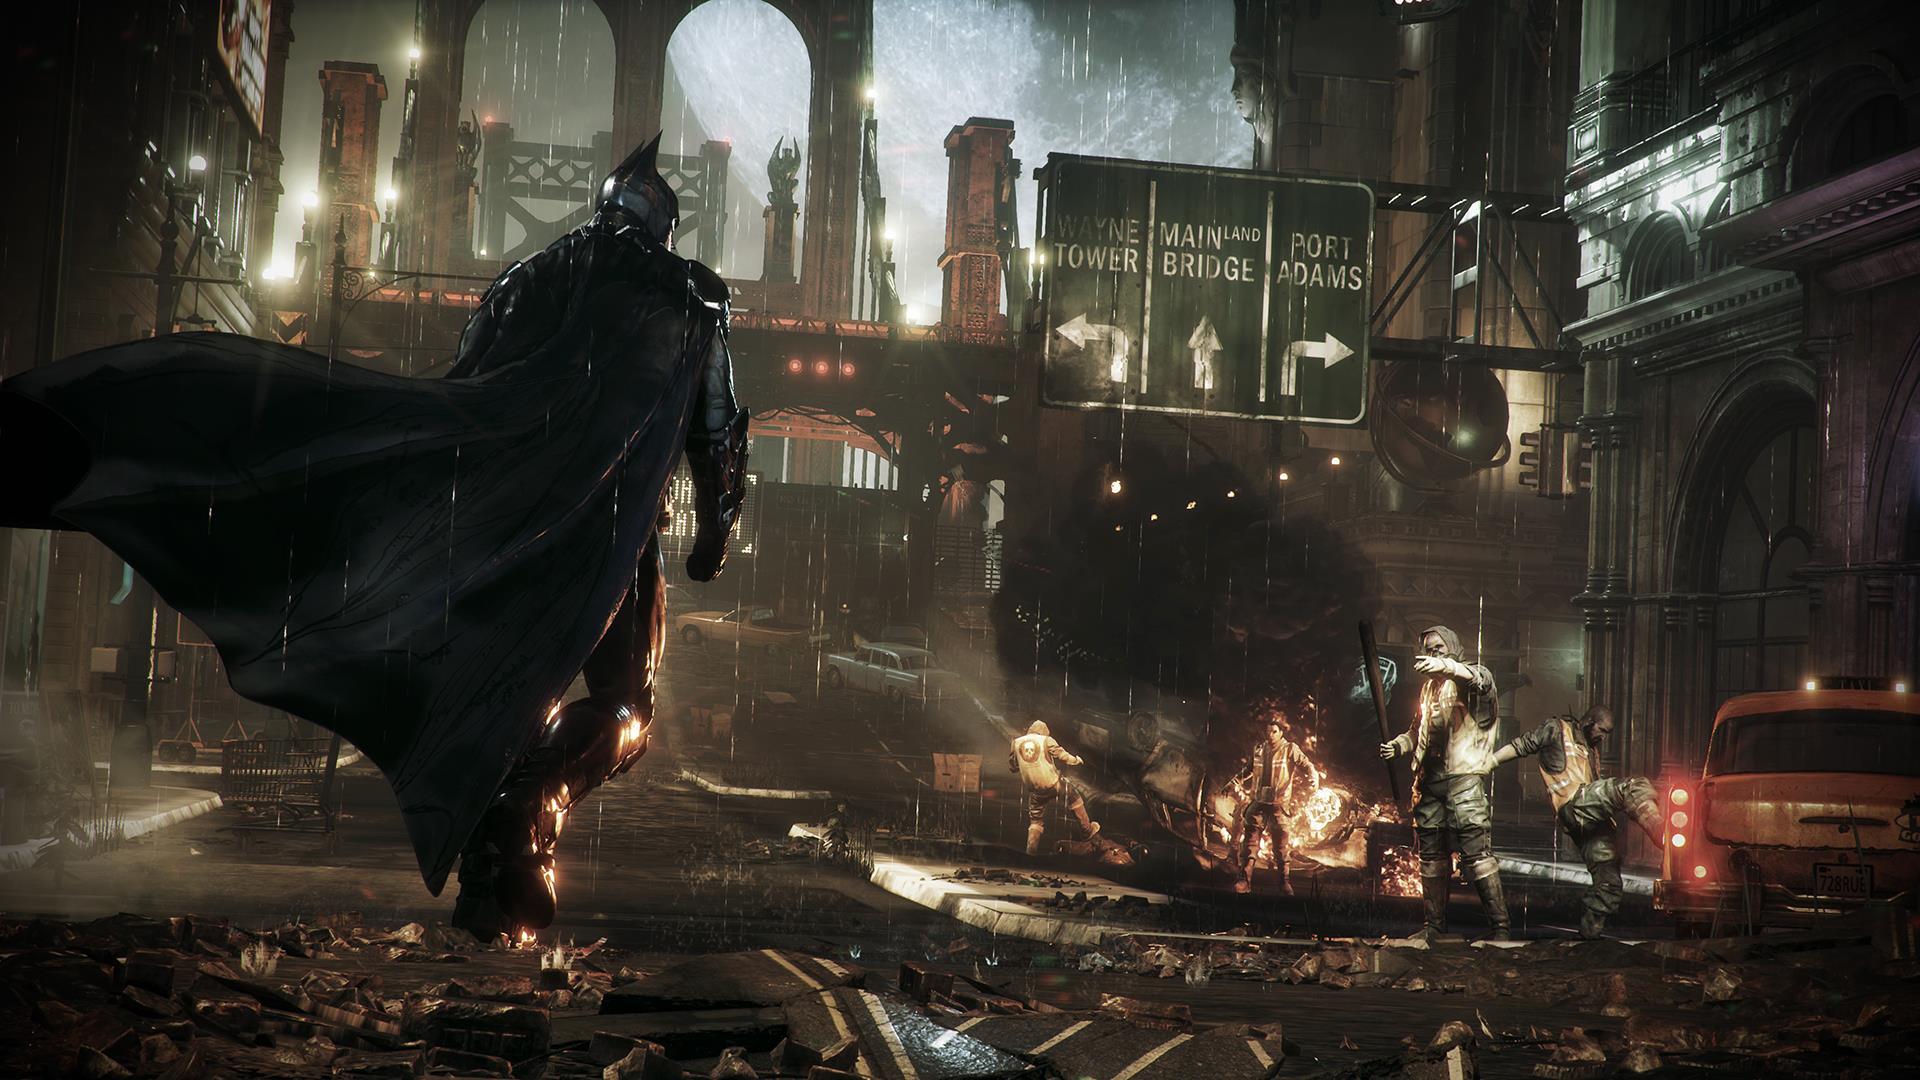 Новые скриншоты Batman: Arkham Knight. - Изображение 2